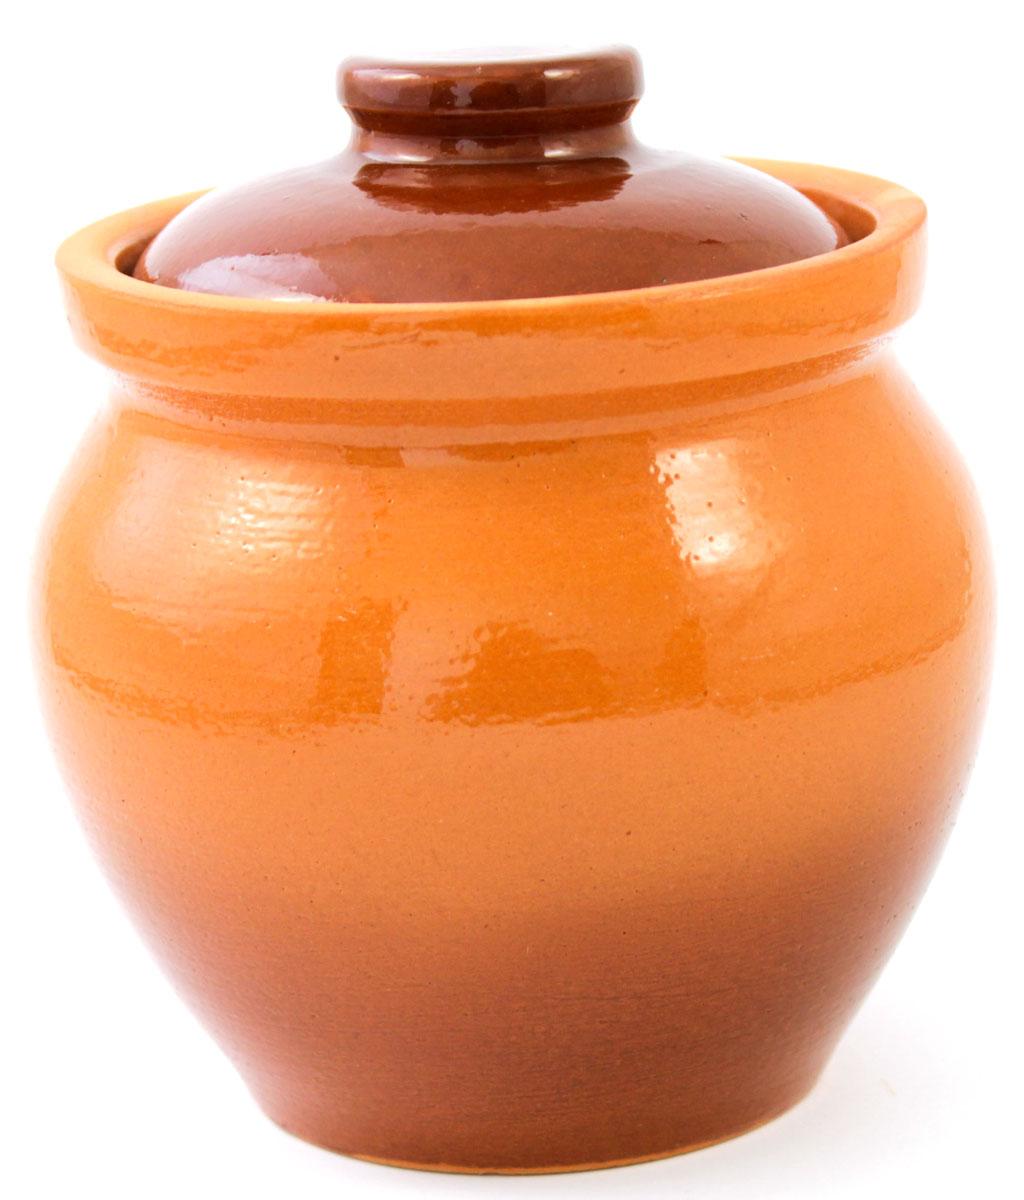 Горшок для запекания Ломоносовская керамика, с крышкой, 600 мл1Г3-6Горшок для запекания Ломоносовская керамика с крышкой выполнен из высококачественной глины. Уникальные свойства глины и толстые стенки изделия обеспечивают эффект русской печи при приготовлении блюд. Блюда, приготовленные в керамическом горшке, получаются нежными и сочными. Вы сможете приготовить мясо, сделать томленые овощи и все это без капли масла. Это один из самых здоровых способов готовки.